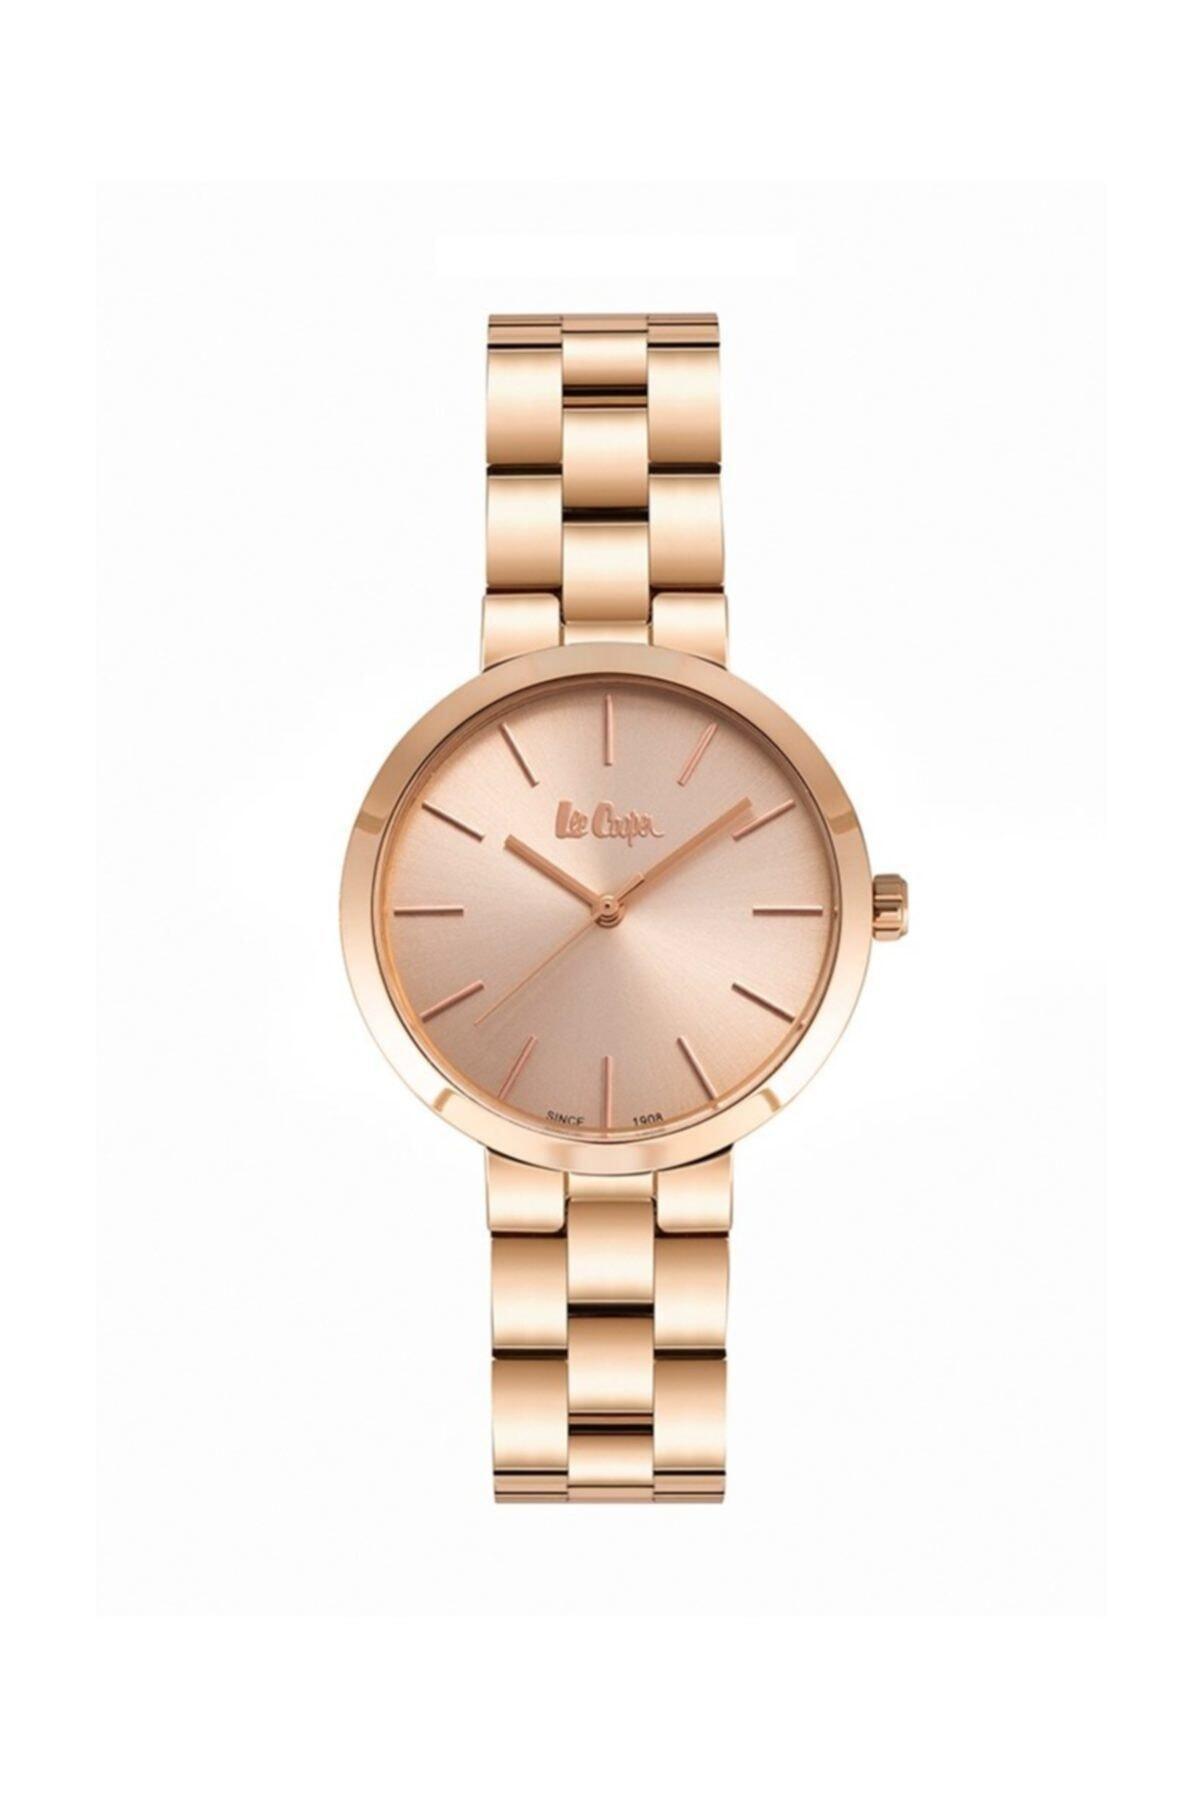 خرید ساعت شیک زنانهاورجینال برند Lee Cooper رنگ طلایی ty35740229